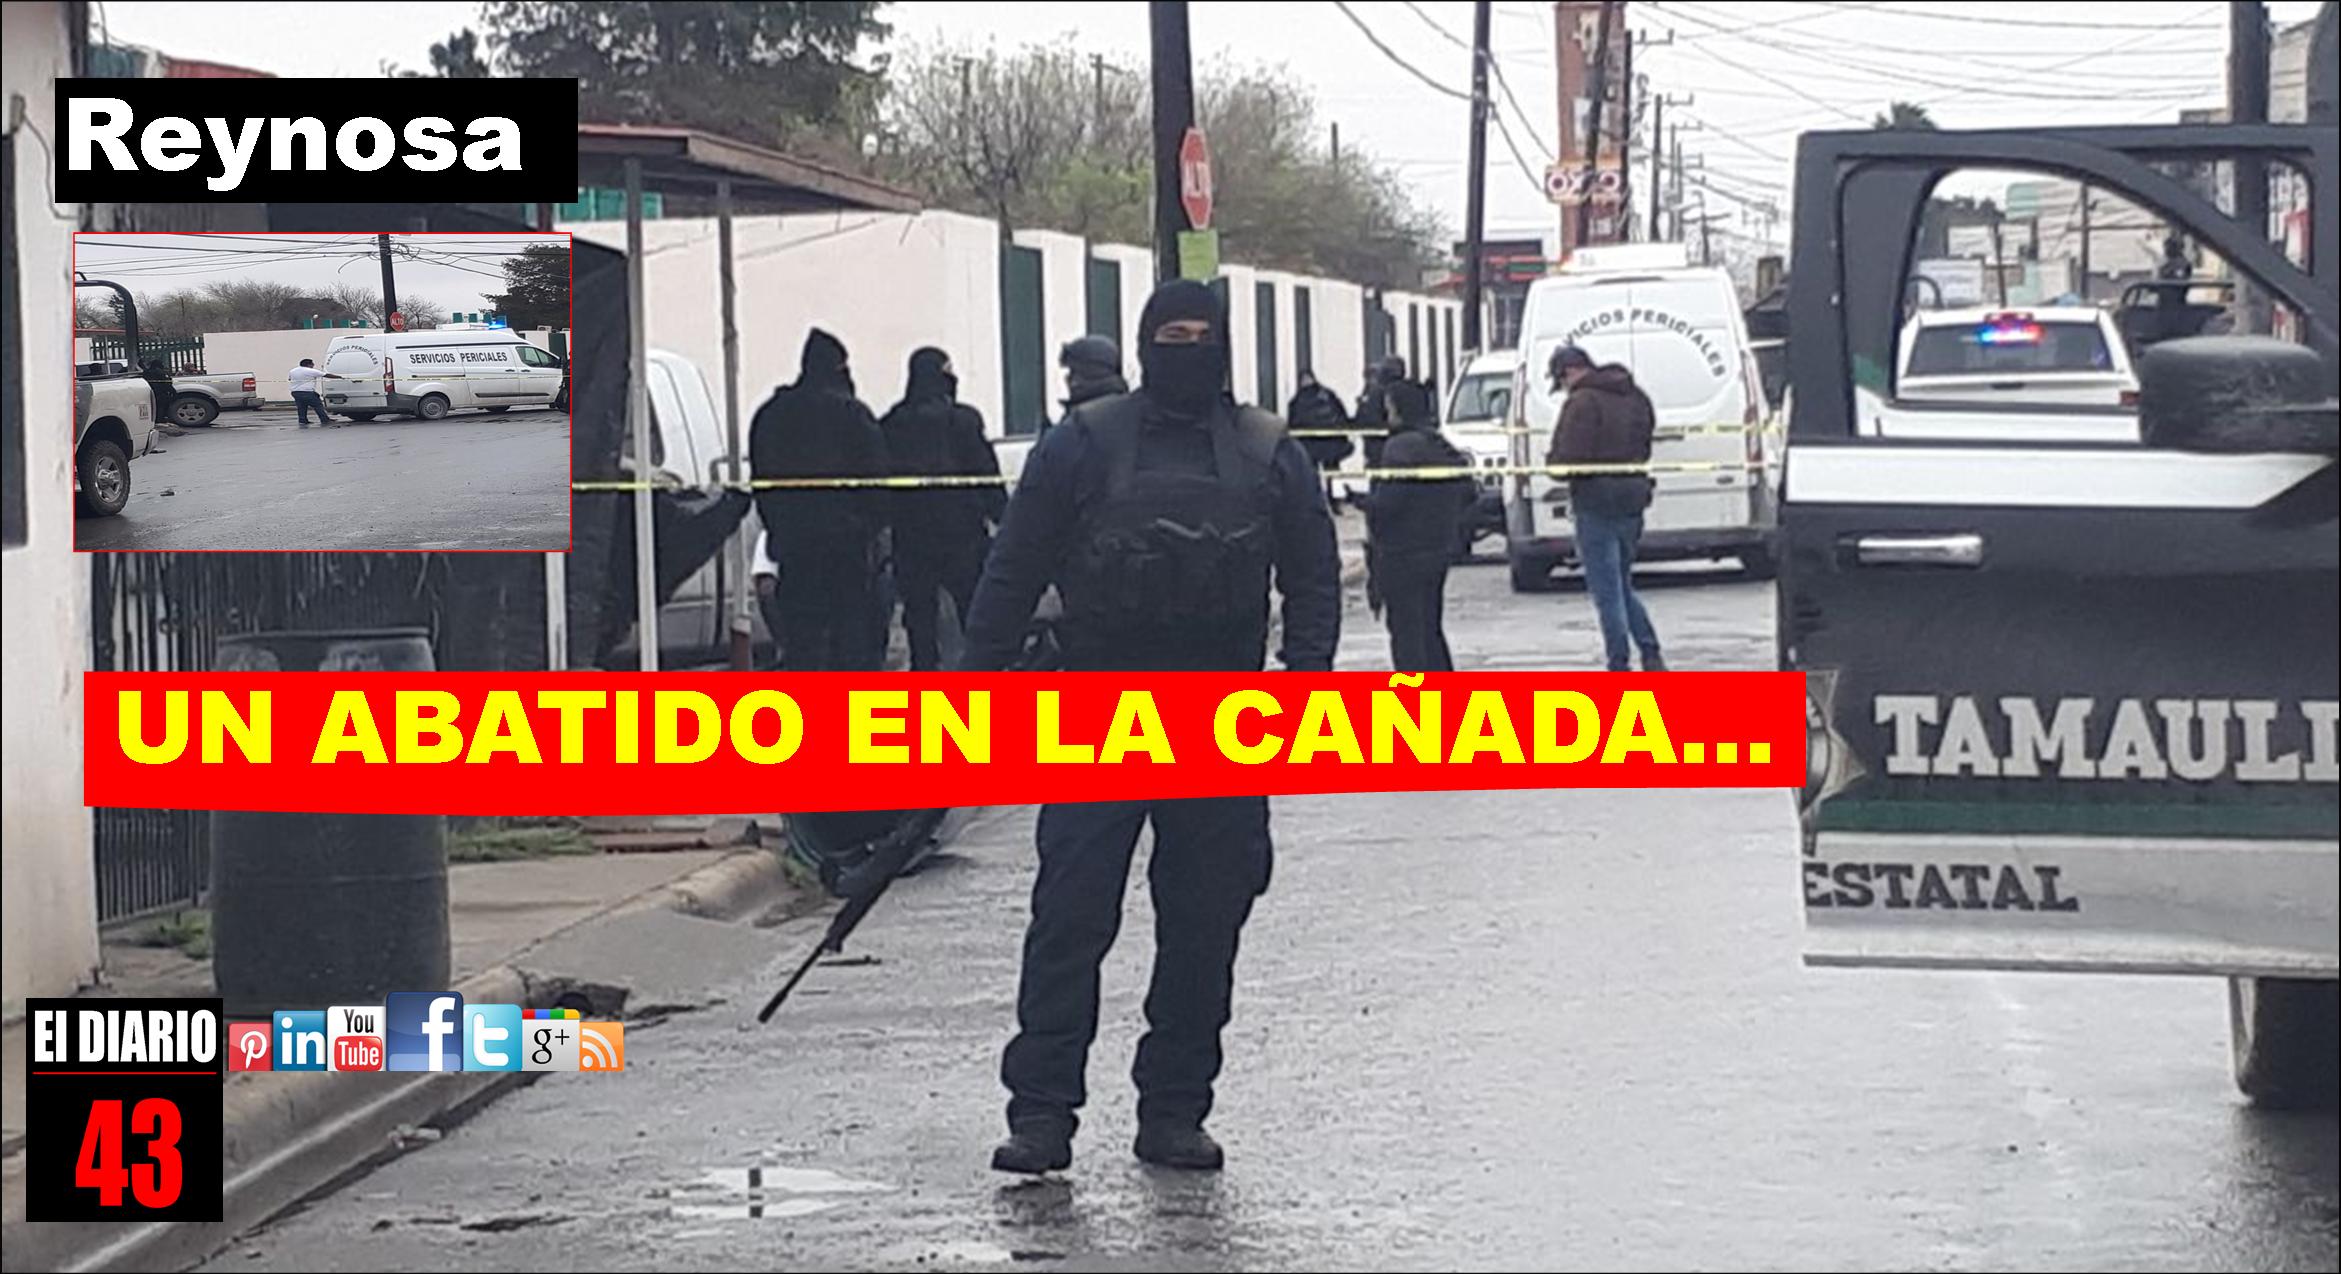 Un Hombre en Reynosa, se agarra a balazos con Policías, es abatido…